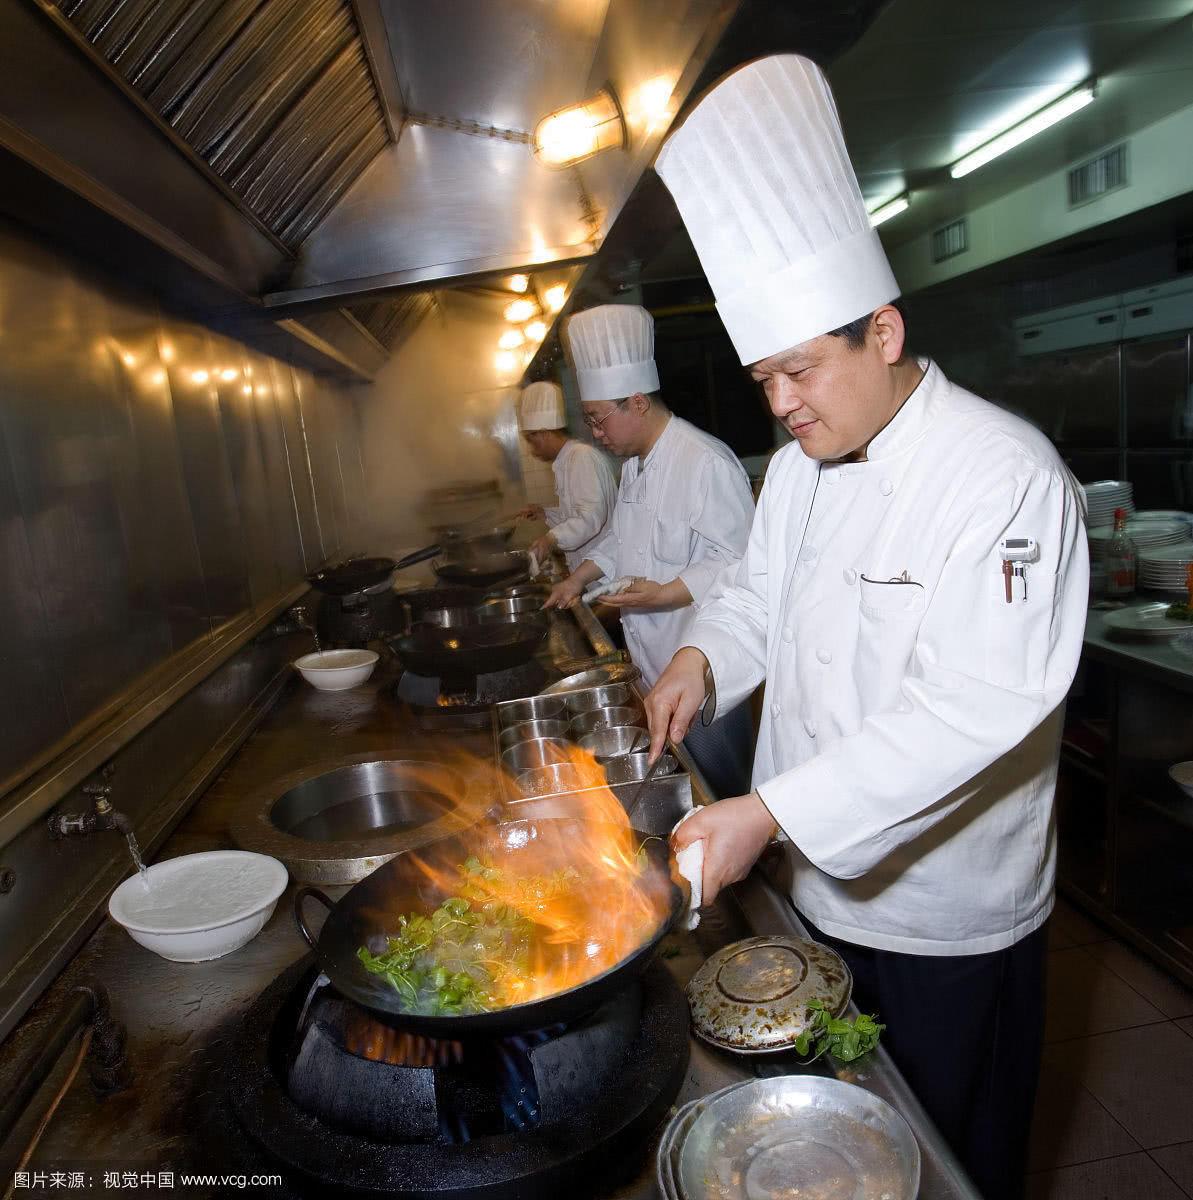 二是厨师用汤勺炒菜是因为不能将调味品直接放入到锅里,那样会导致图片